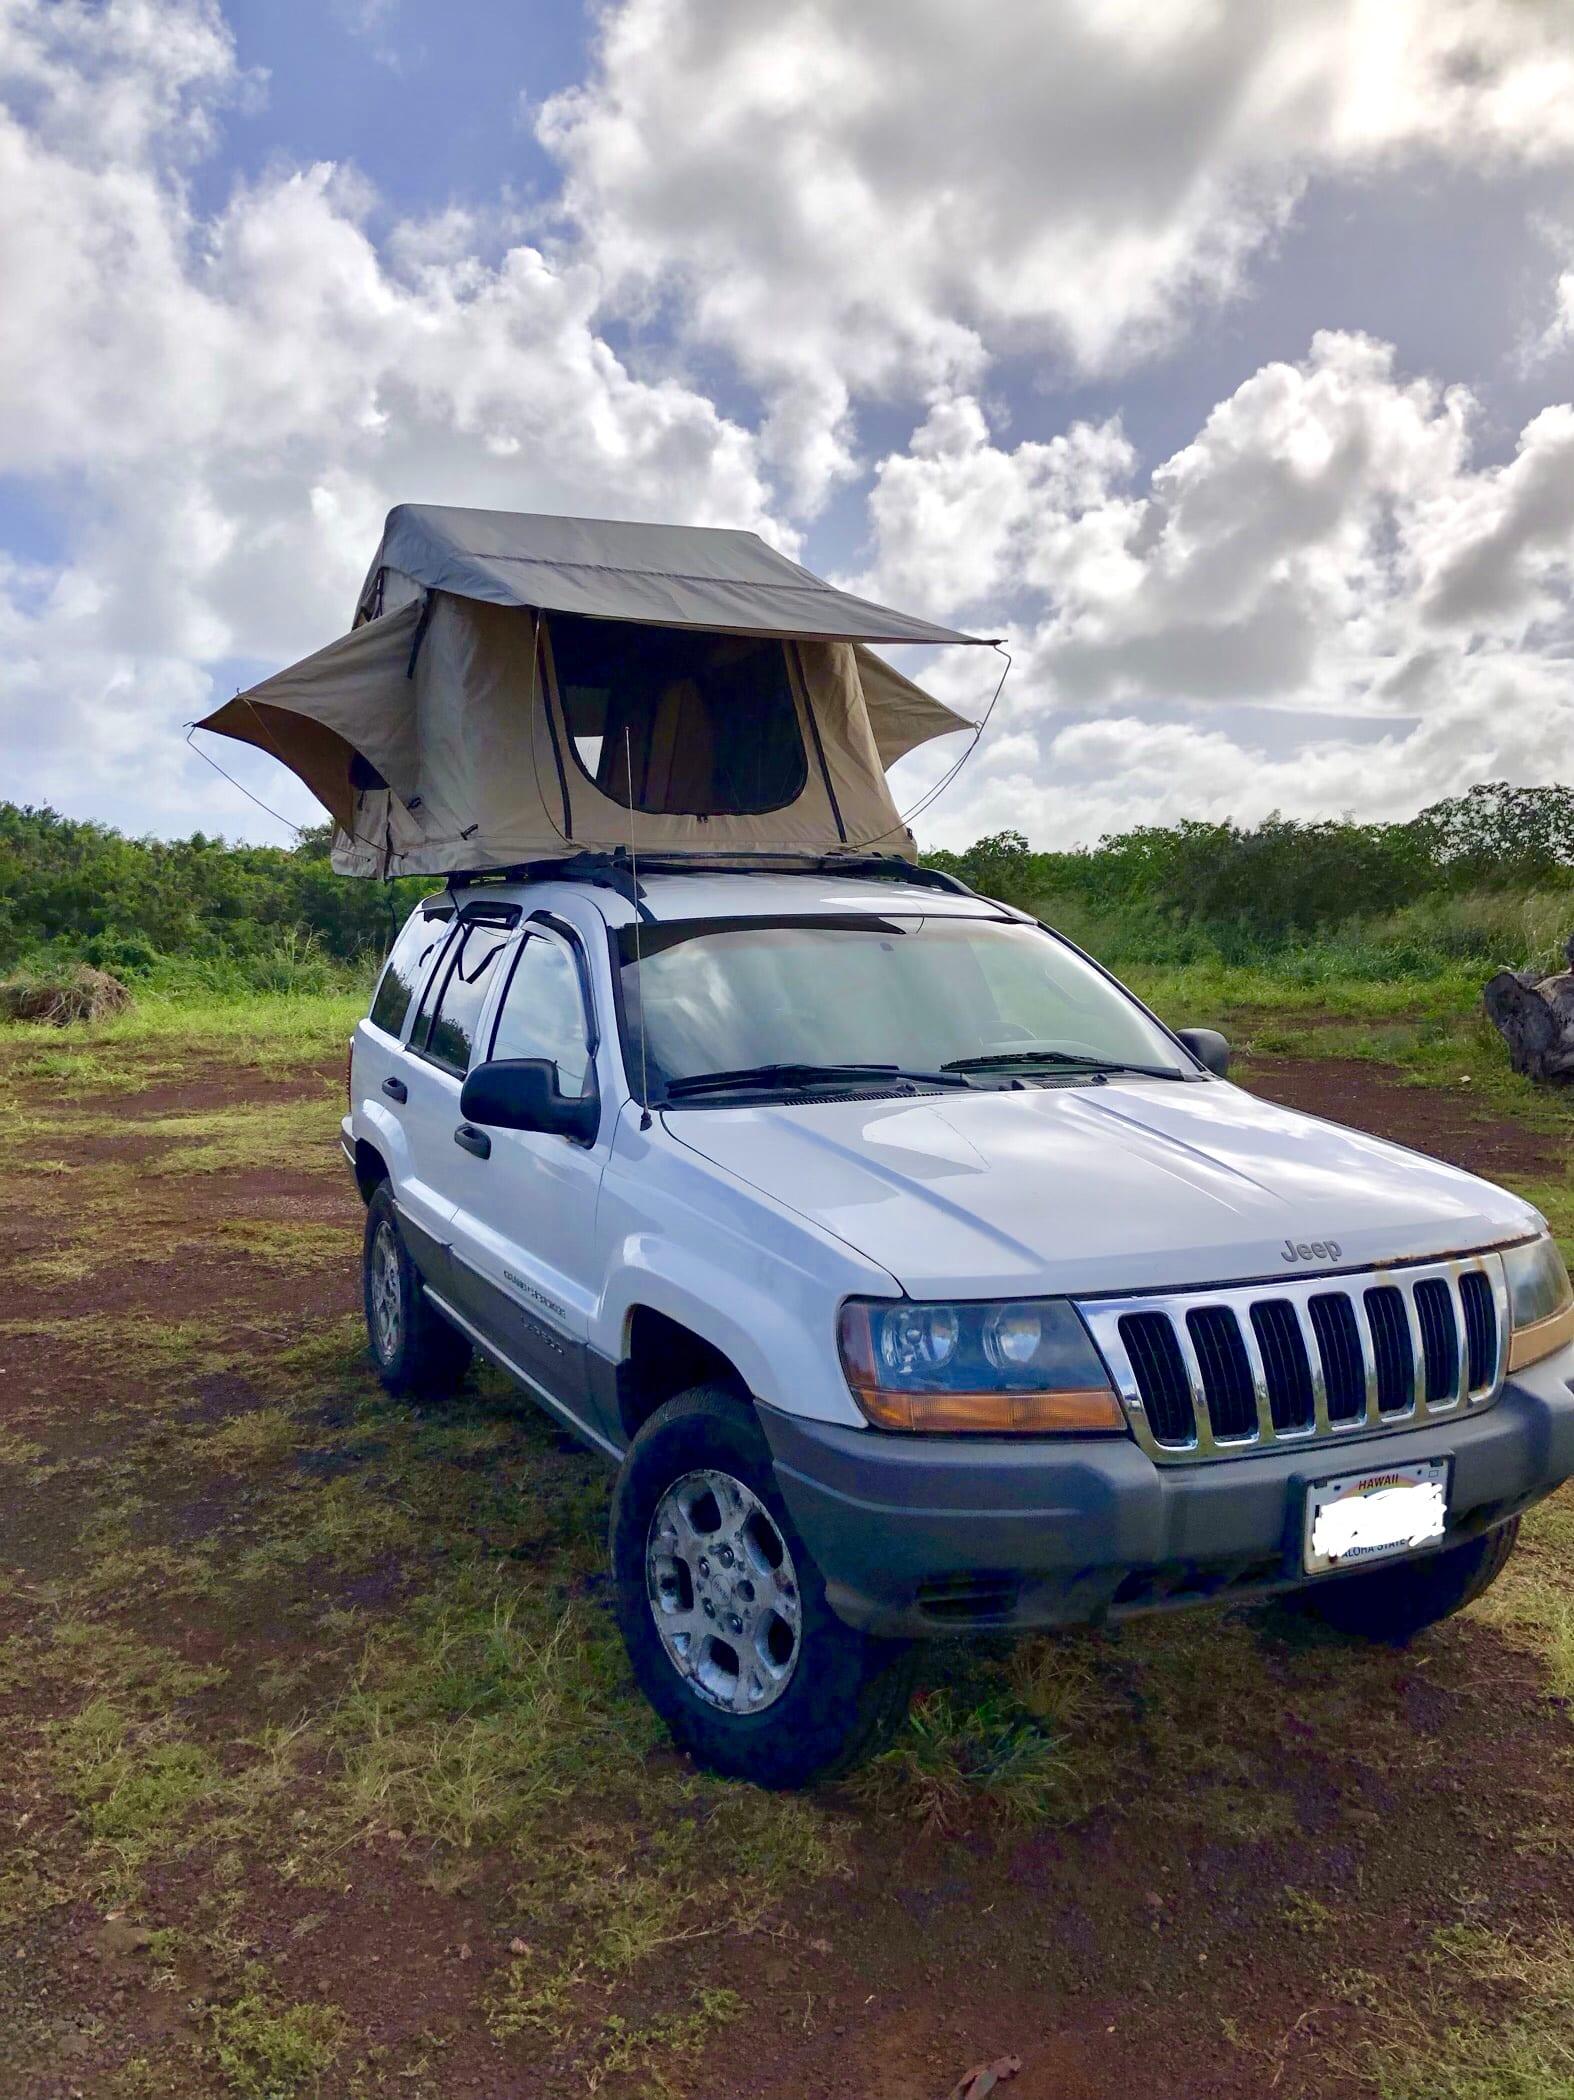 Jeep Coachman 2002